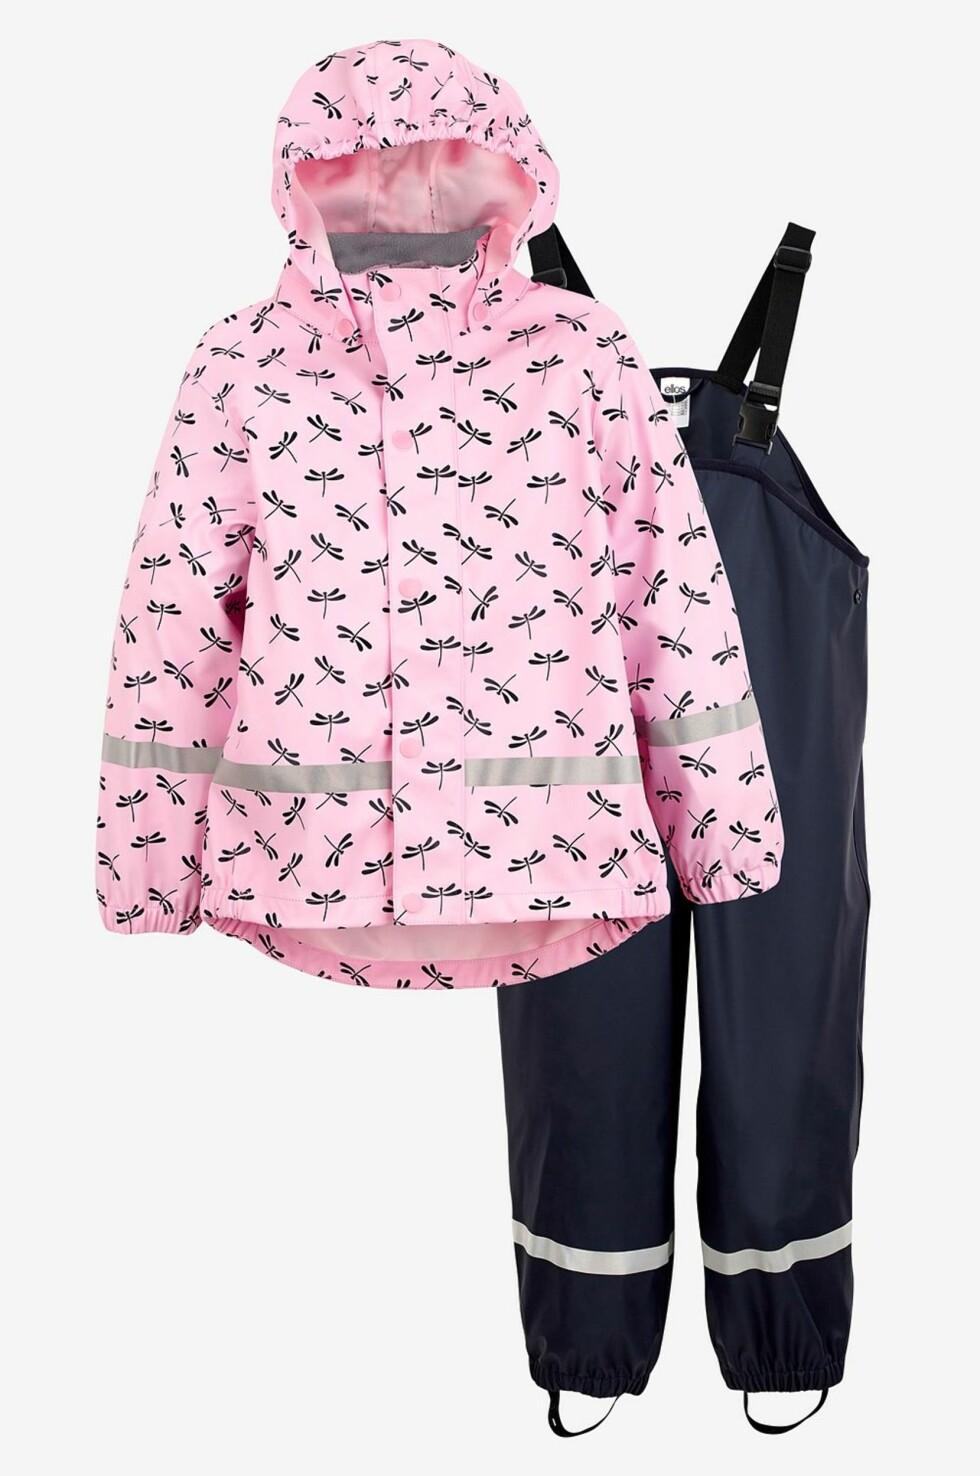 Regnsett fra Ellos med jakke og bukse |kr 399 | http://apprl.com/no/pd/4KoA/